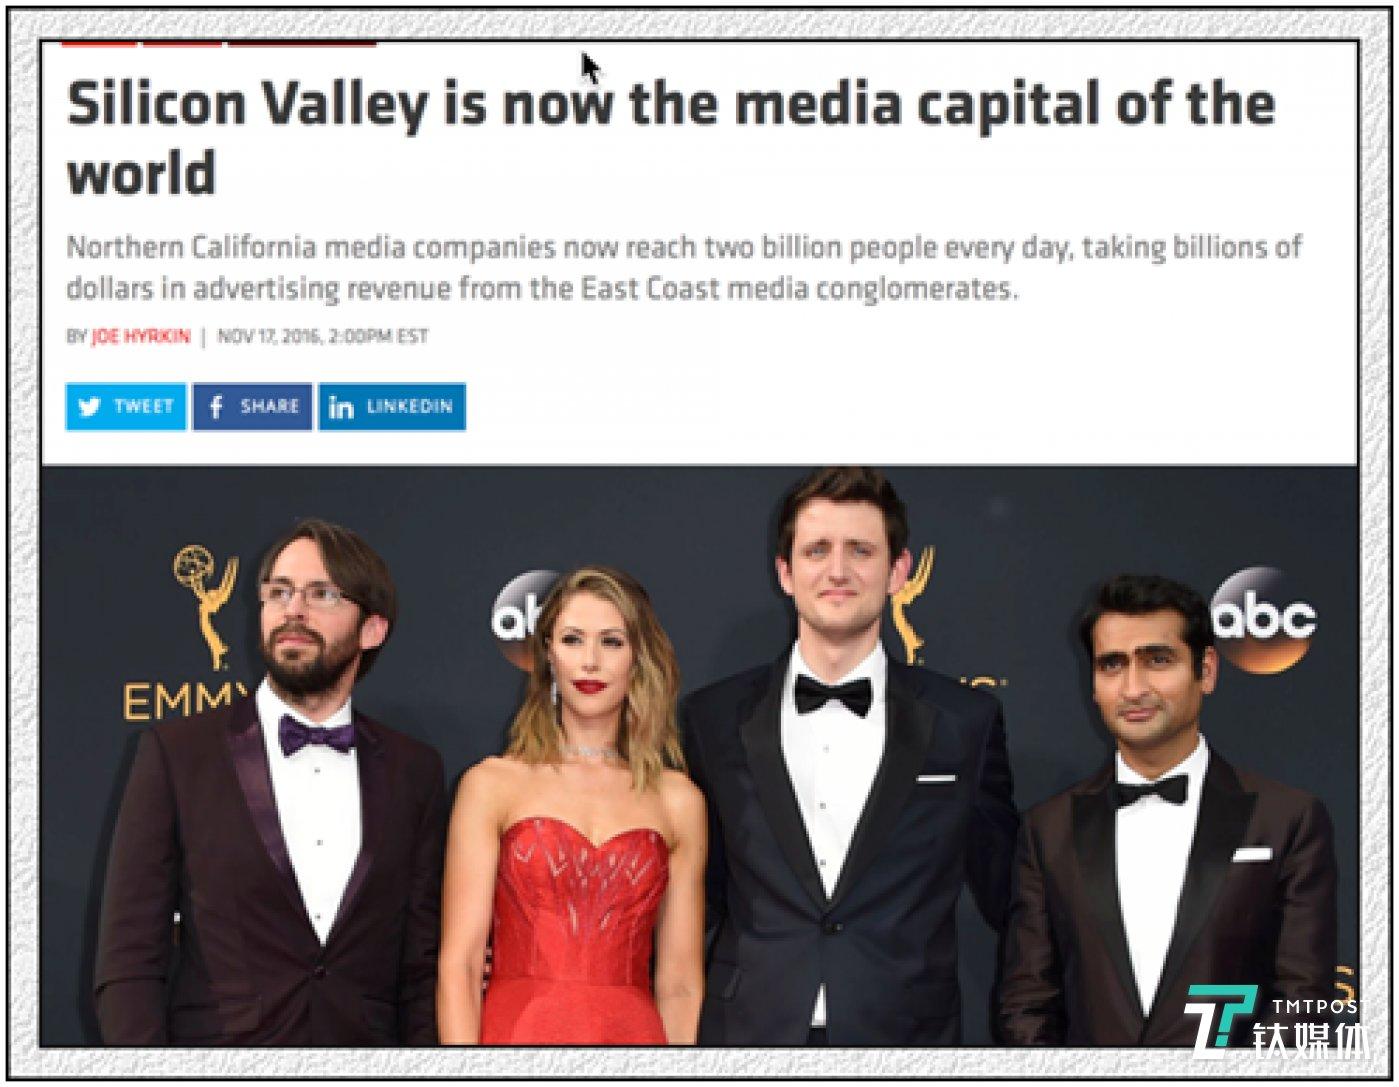 硅谷著名的新媒体网站Recode宣称硅谷已经取代纽约成为世界媒体的首都。这个说法,你认吗?至少,硅谷每天都在从纽约媒体手中抢劫广告,你能否认吗?